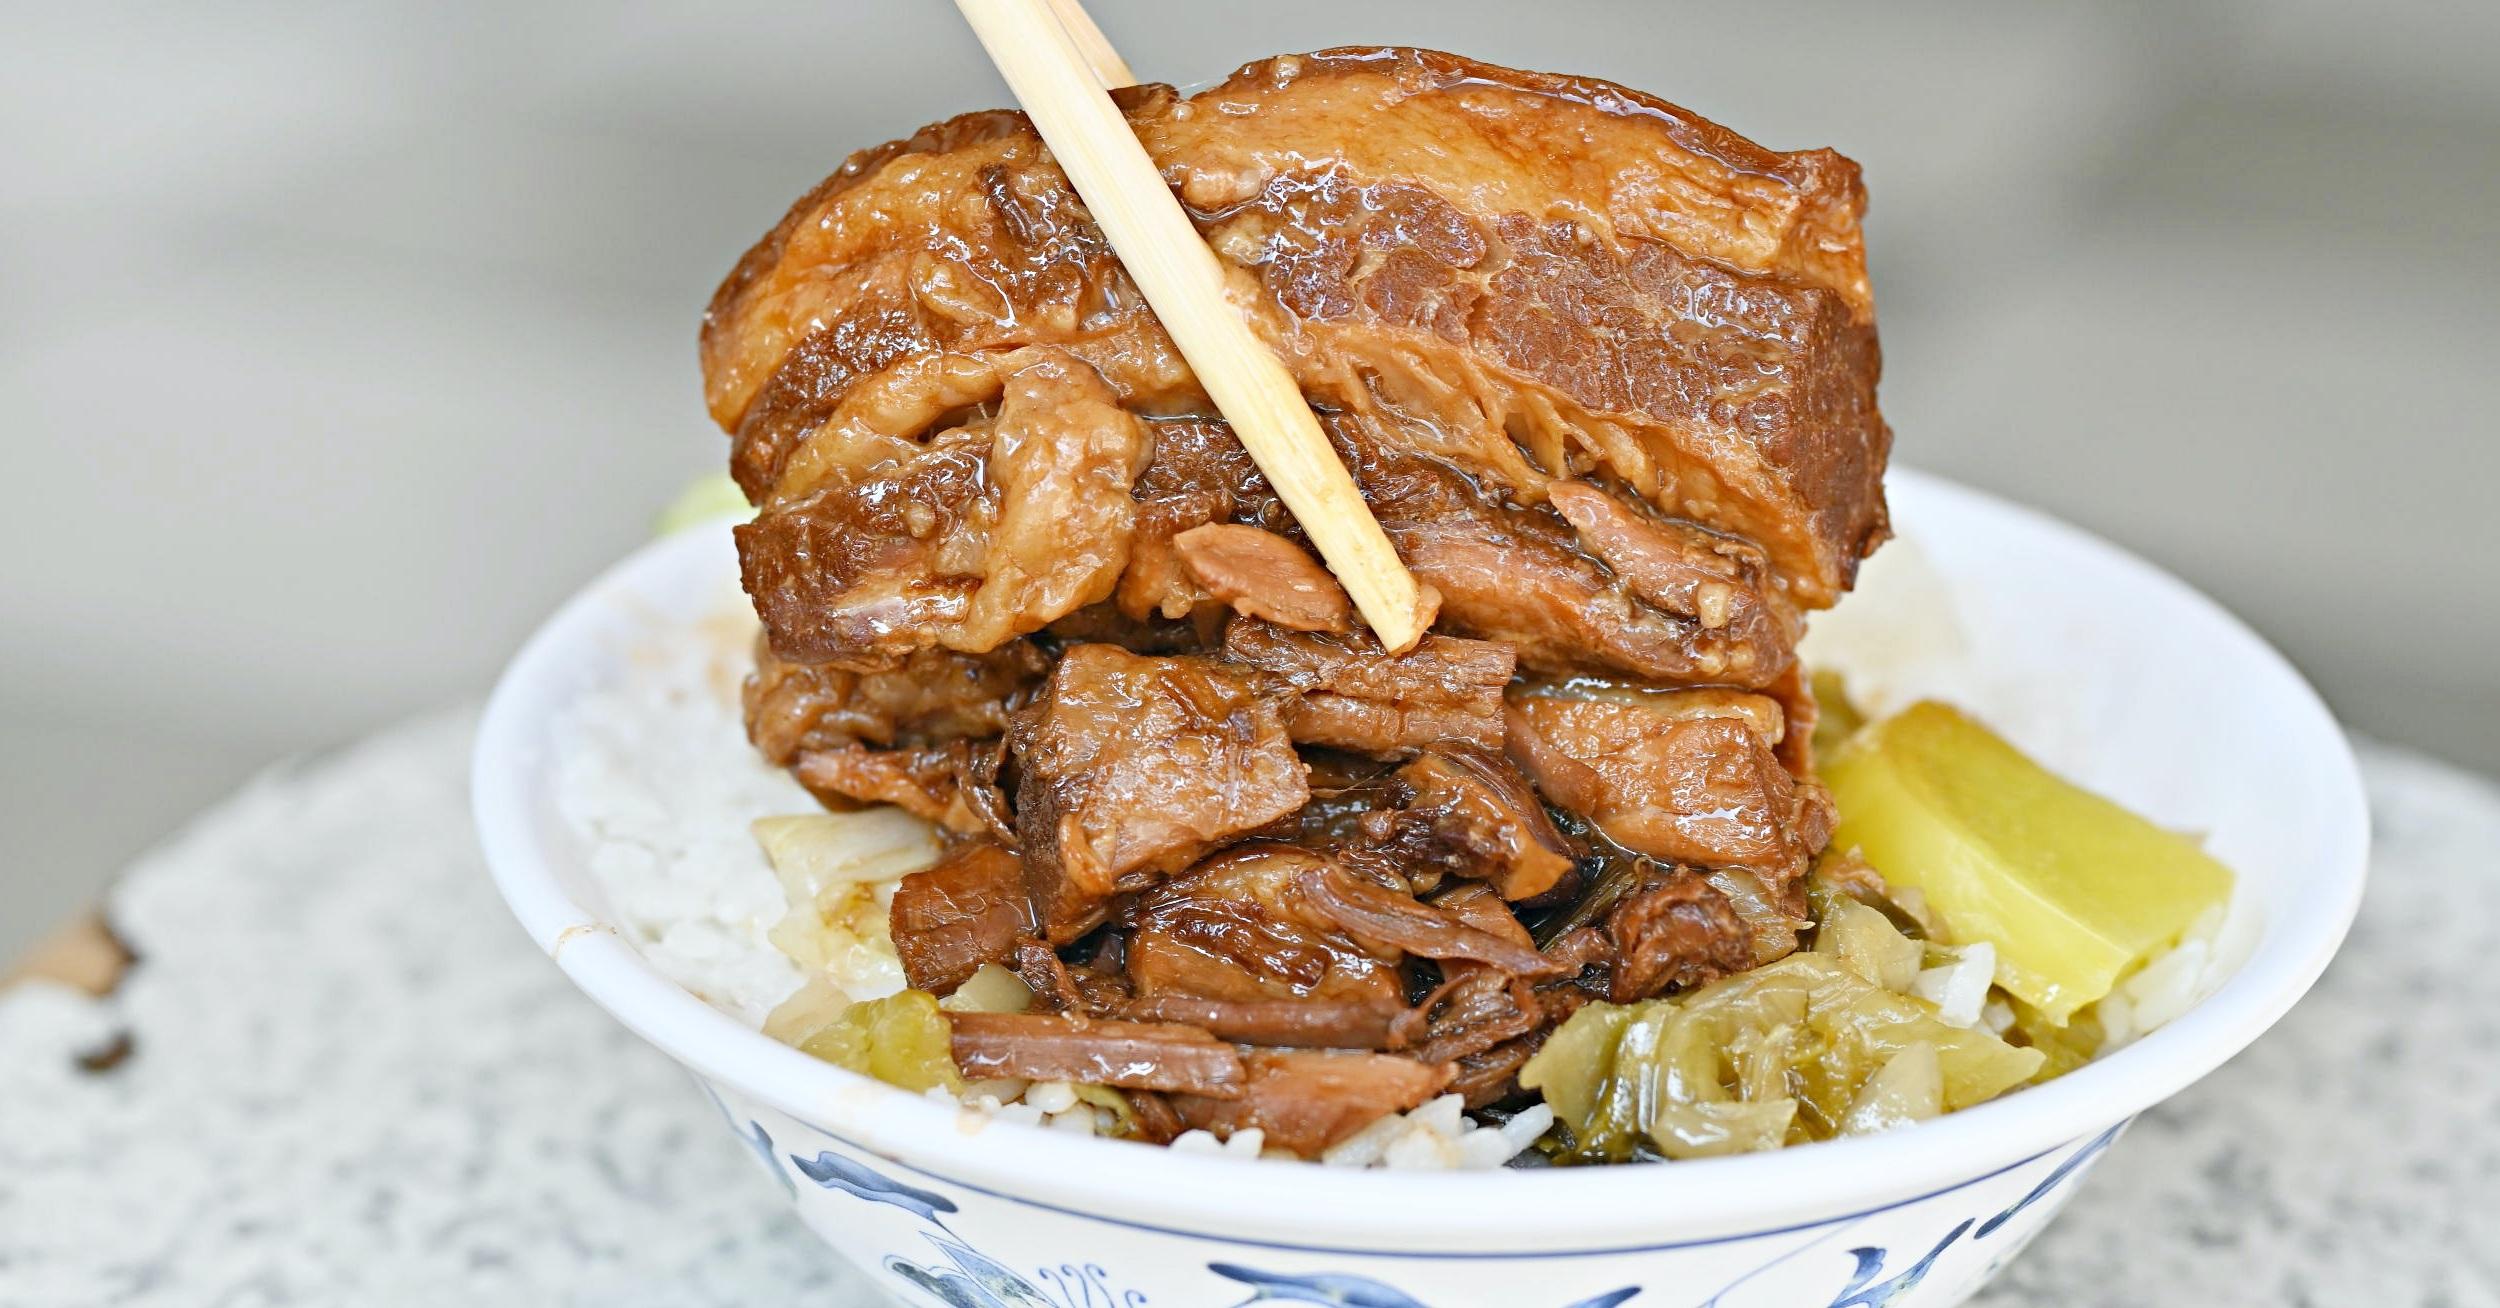 西門美食,黃記老牌燉肉飯,老牌黃,黃記老牌燉肉飯菜單,黃記老牌 @Nash,神之領域